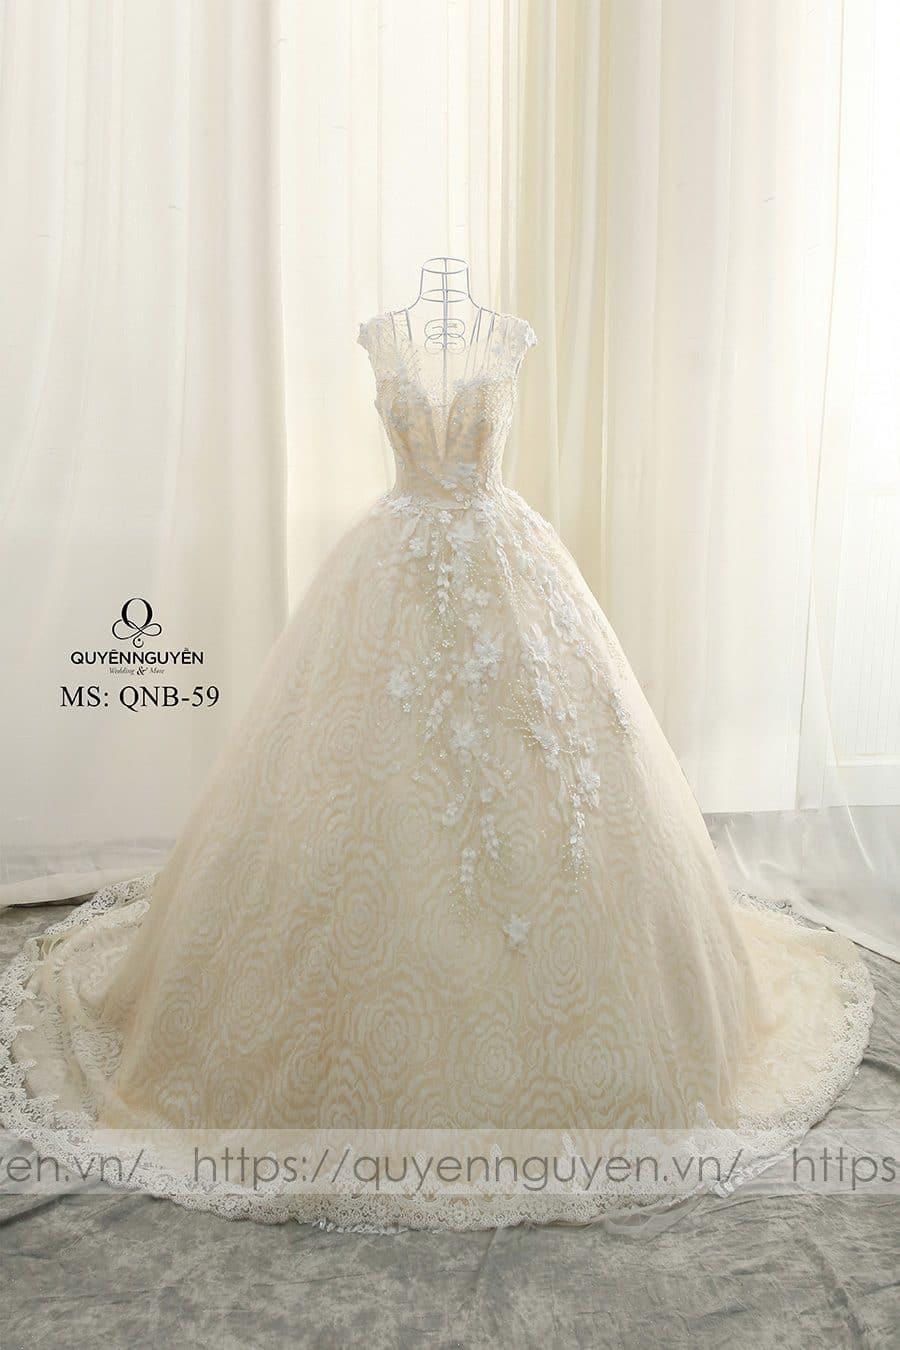 6 lưu ý khi mua áo cưới online hiện nay